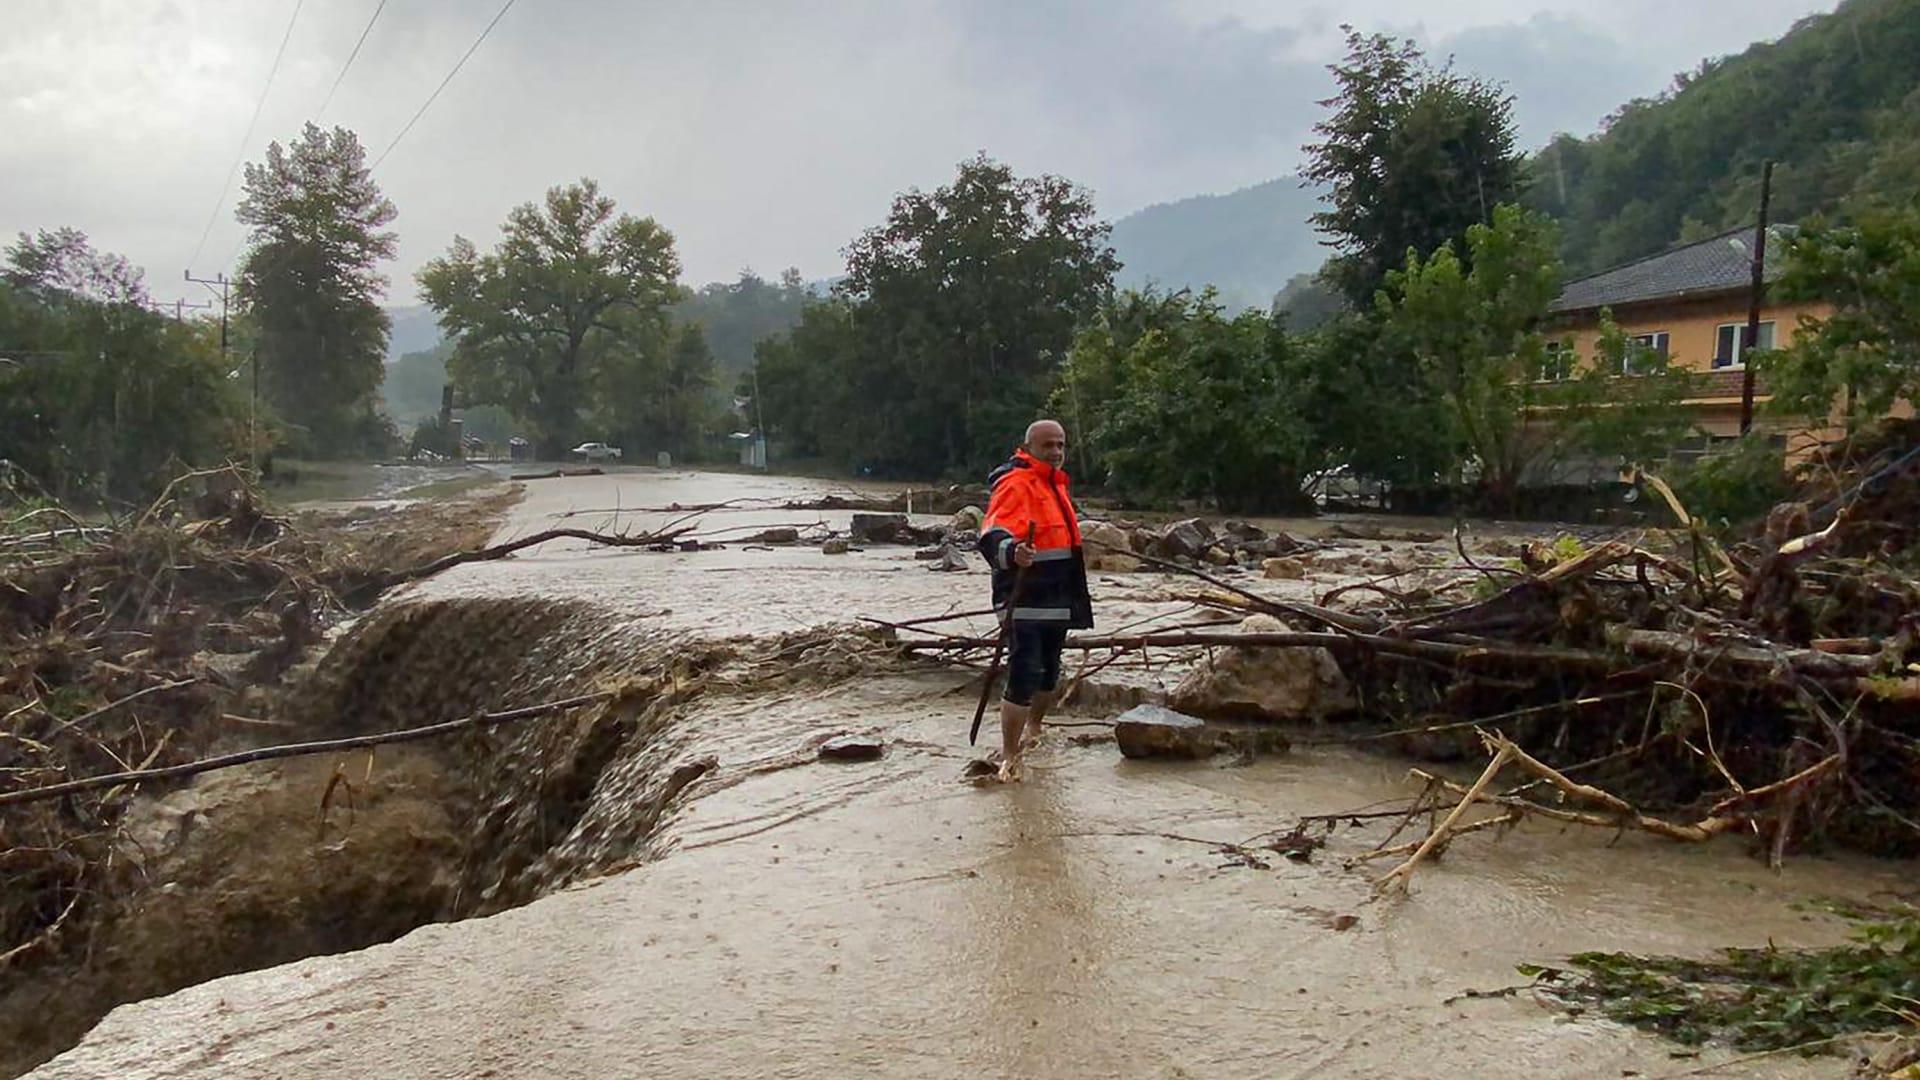 بعد حرائق الغابات جنوبًا.. فيضانات شمال تركيا تودي بحياة 6 أشخاص على الأقل